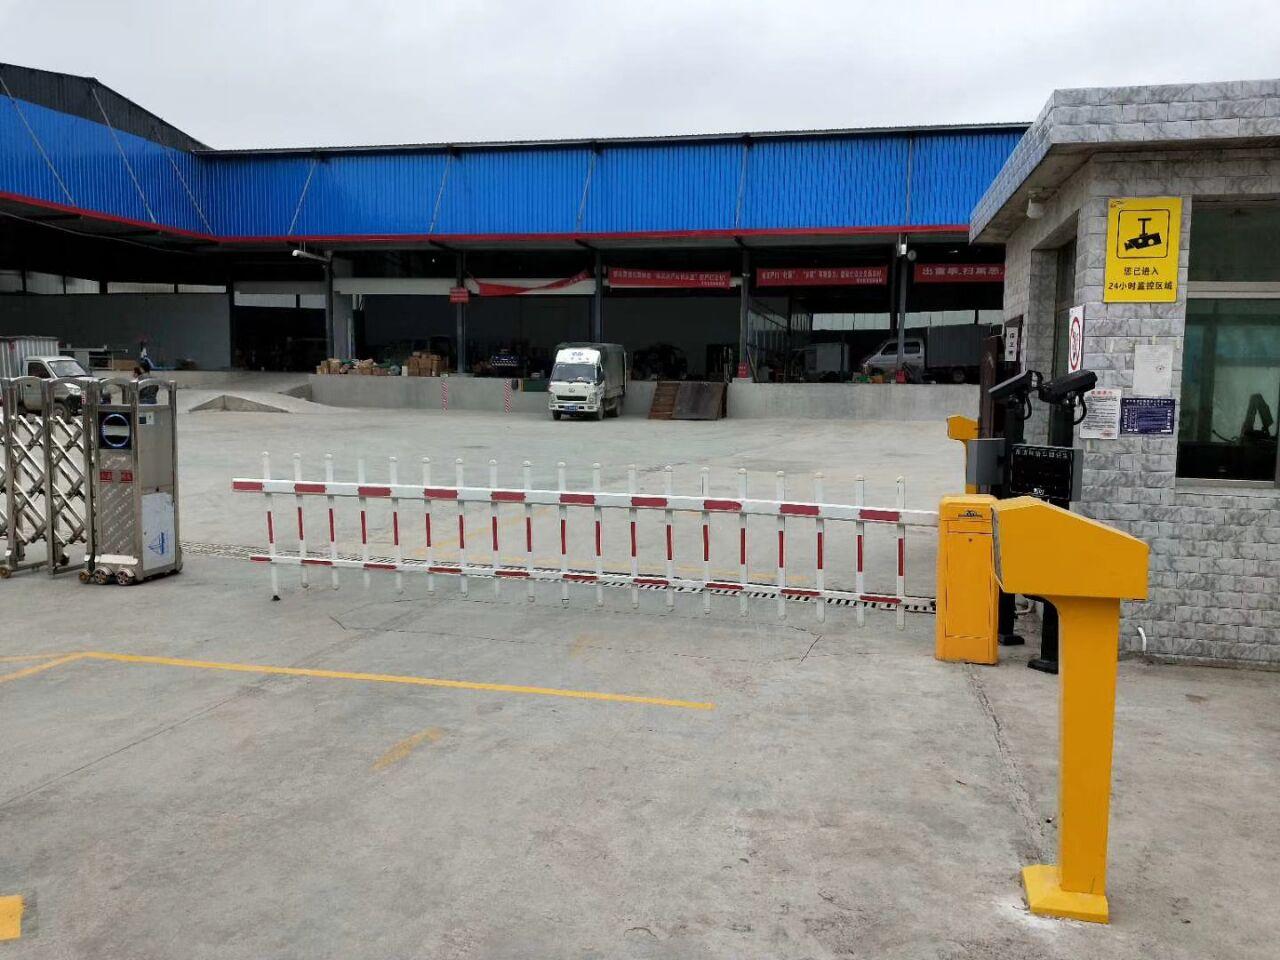 辽宁停车场无人值守系统一套大概多少钱?